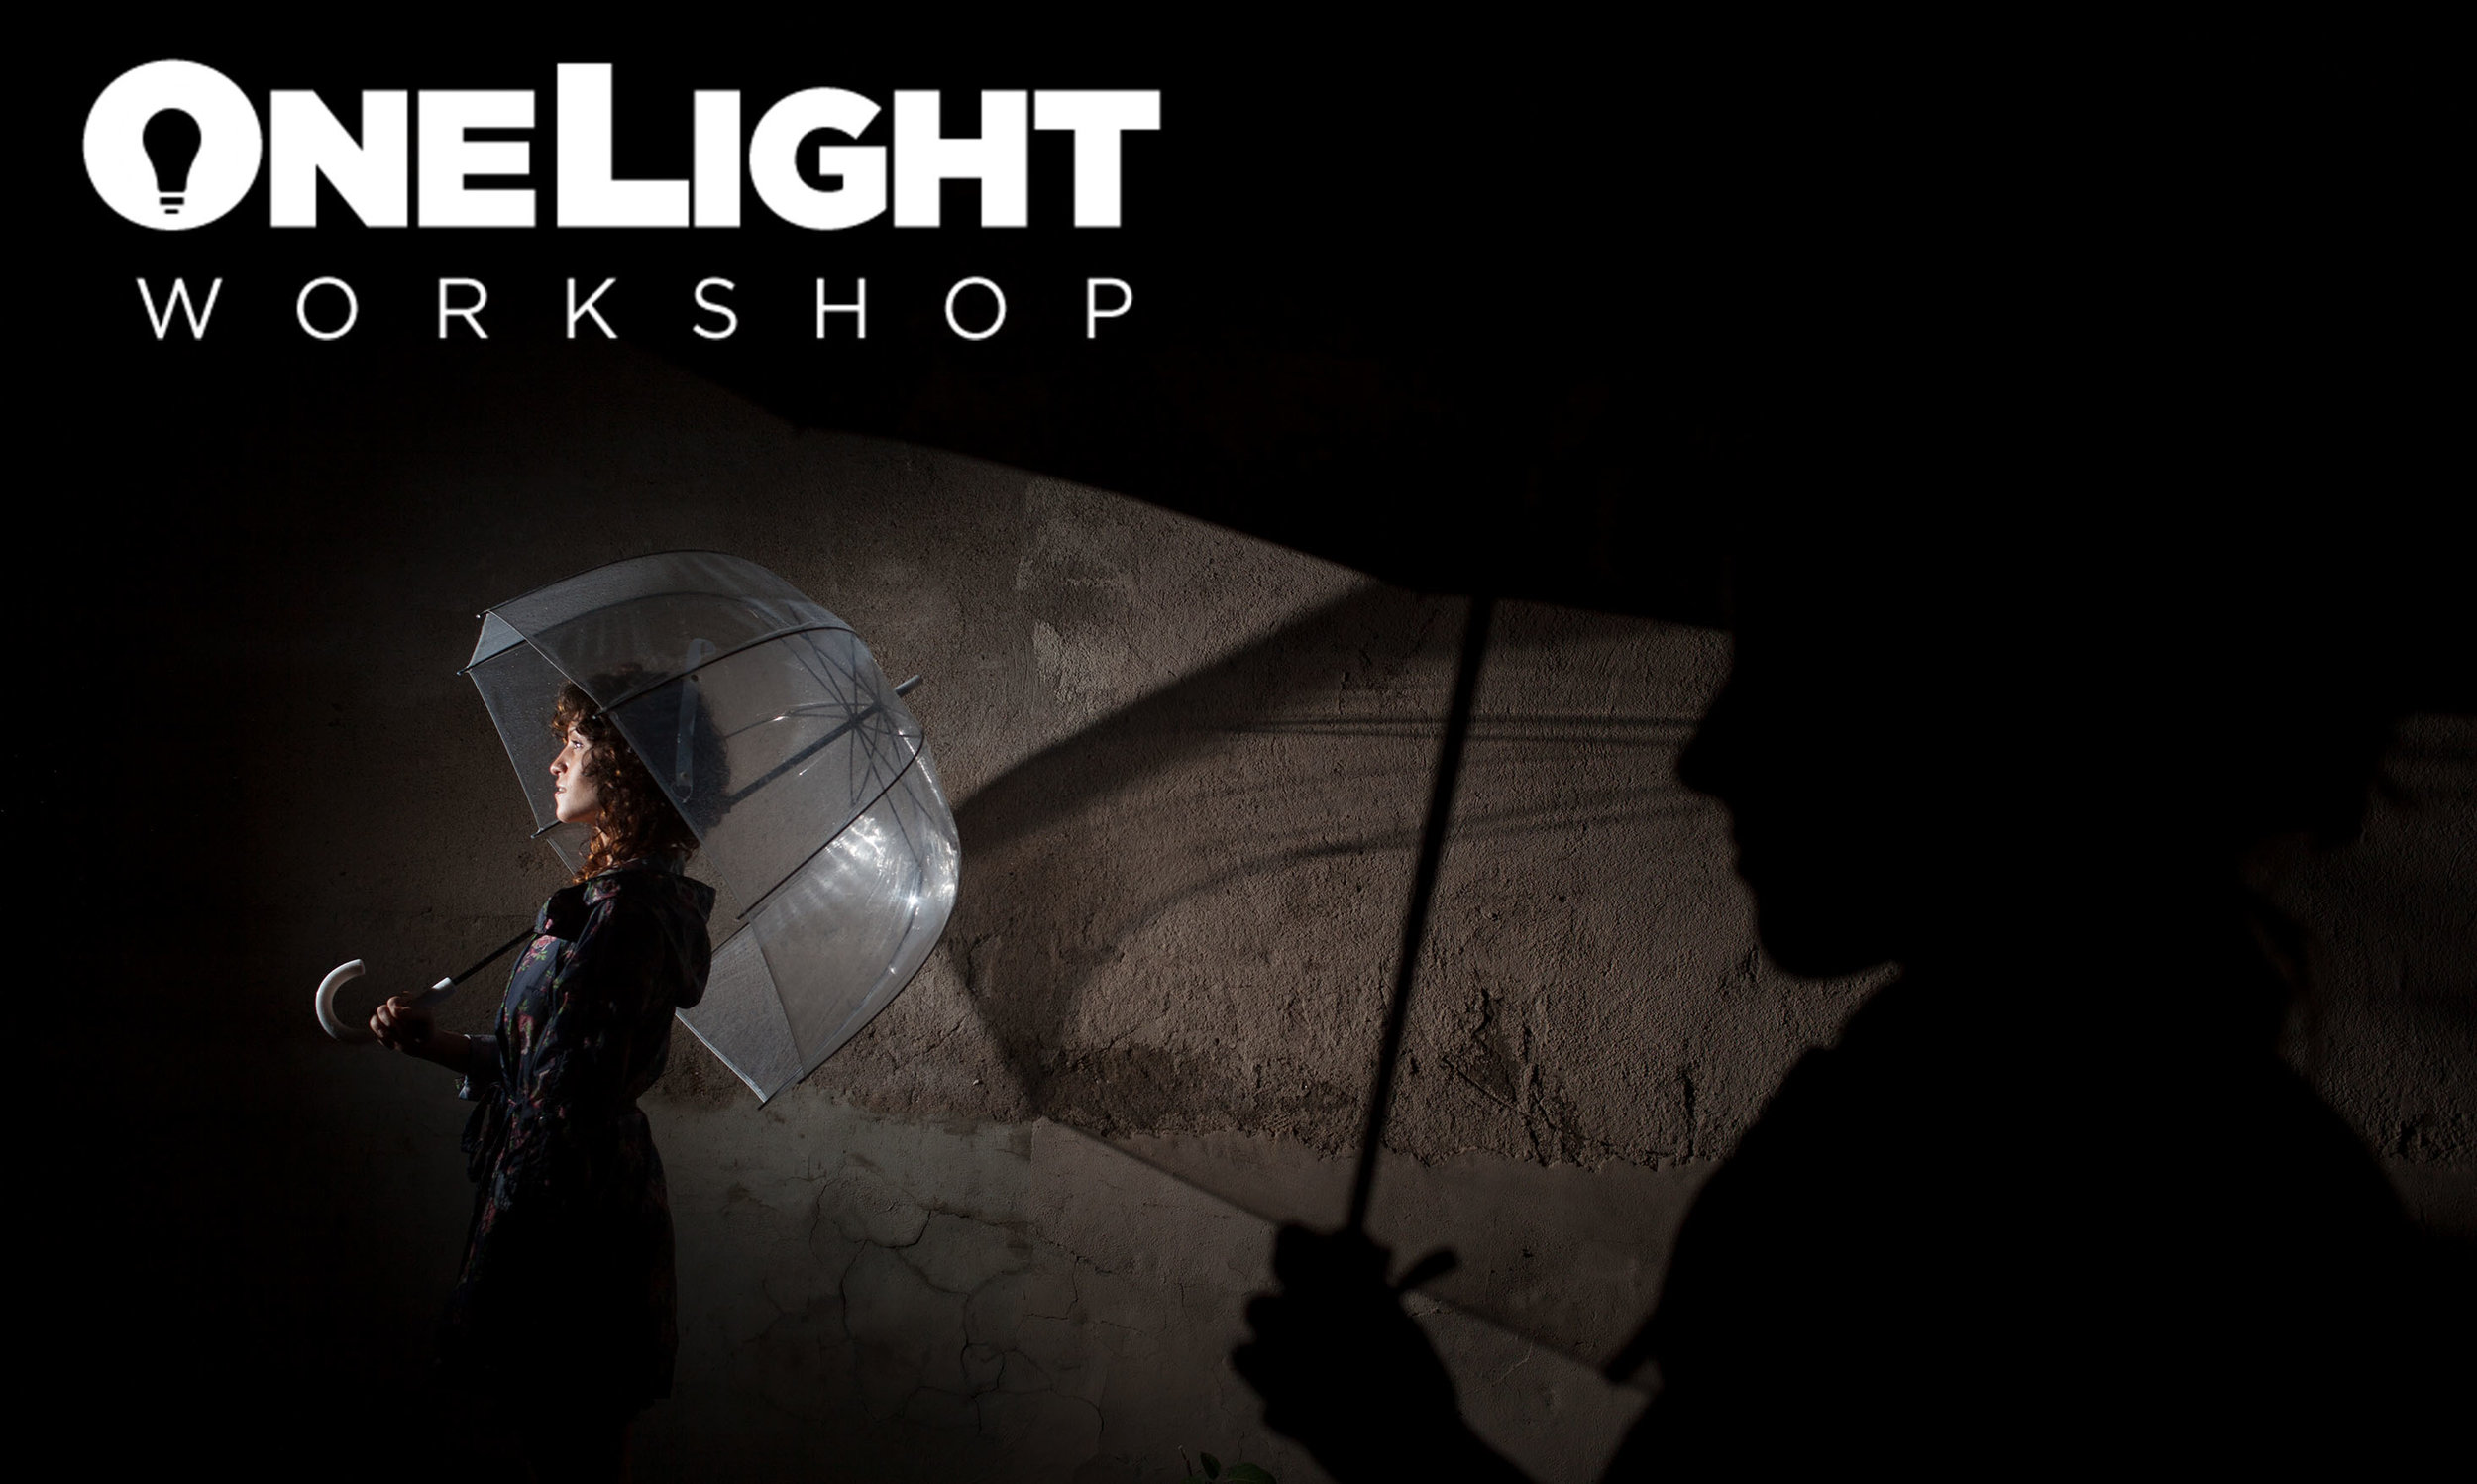 OneLight Workshop